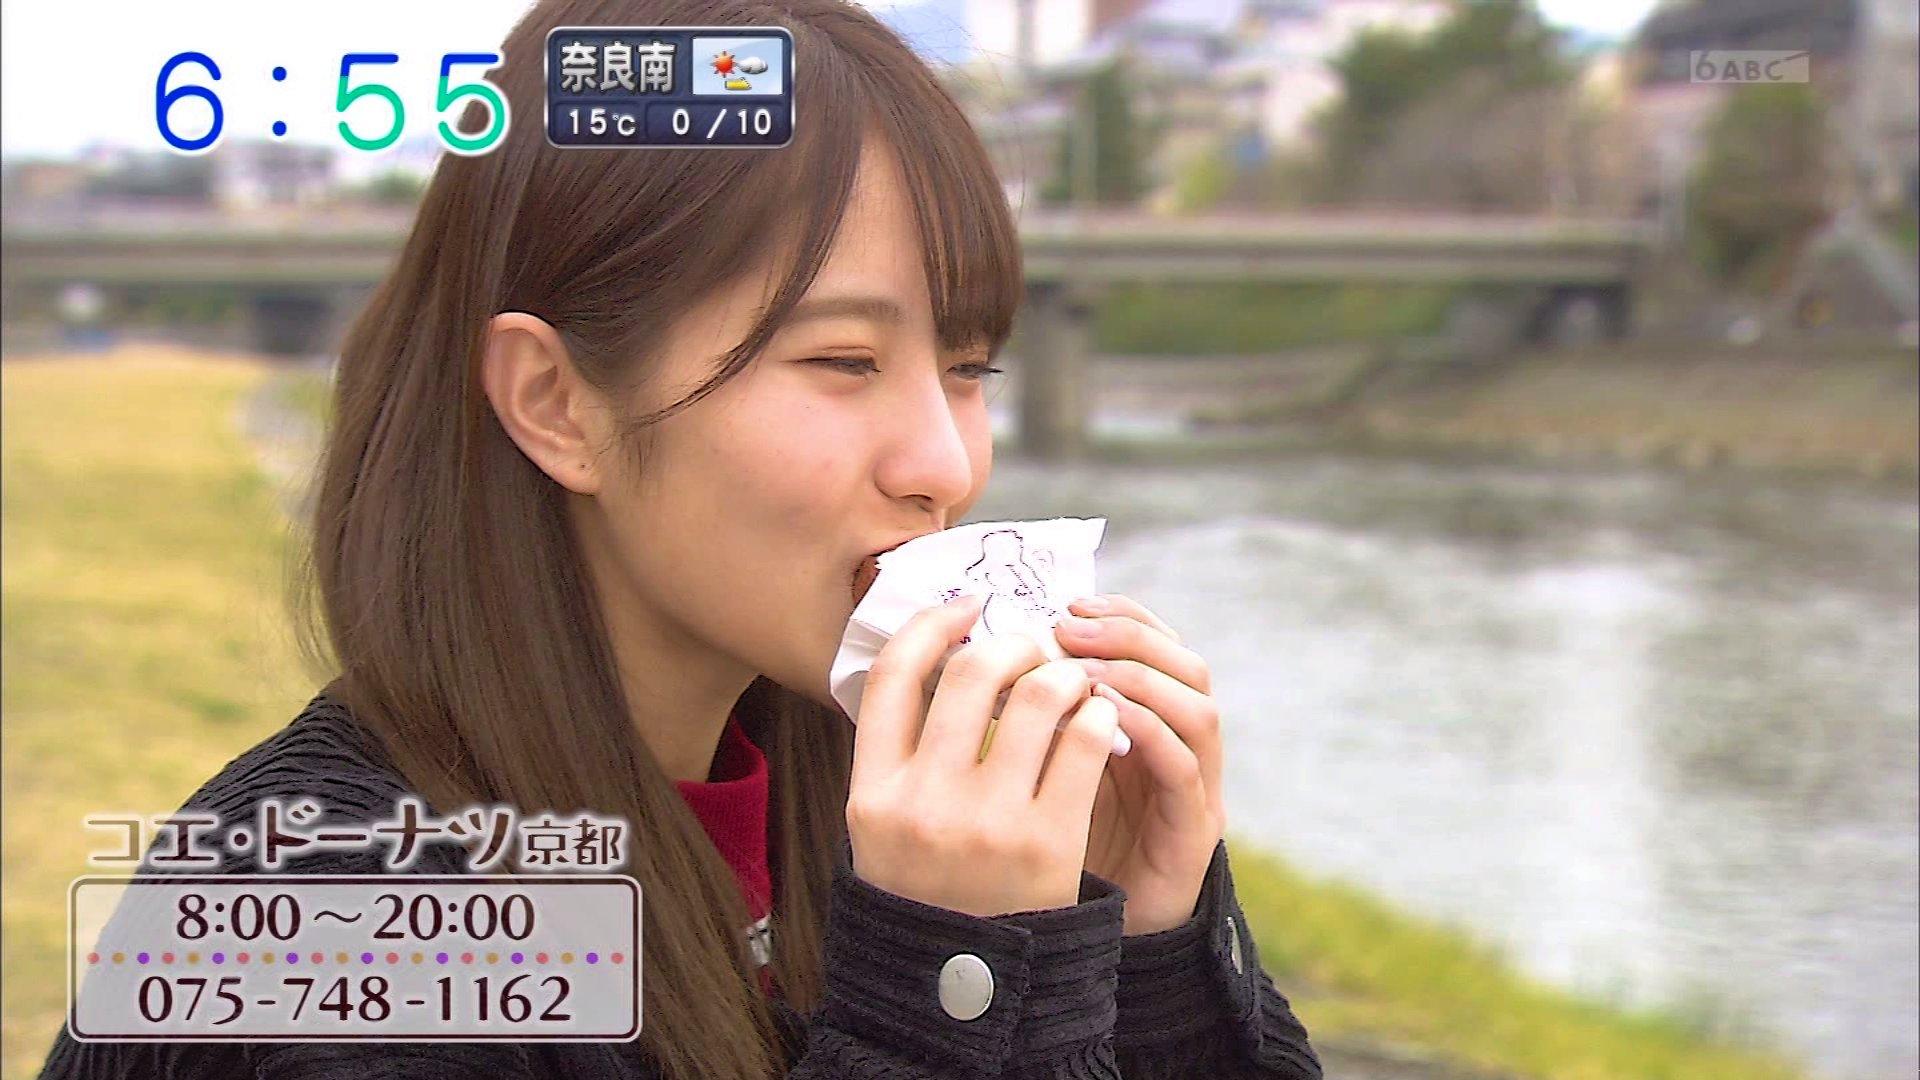 【小嶋花梨】こじりん出演 3/25「おはよう朝日です」サキヨミEnter・京都のドーナツ店を紹介。